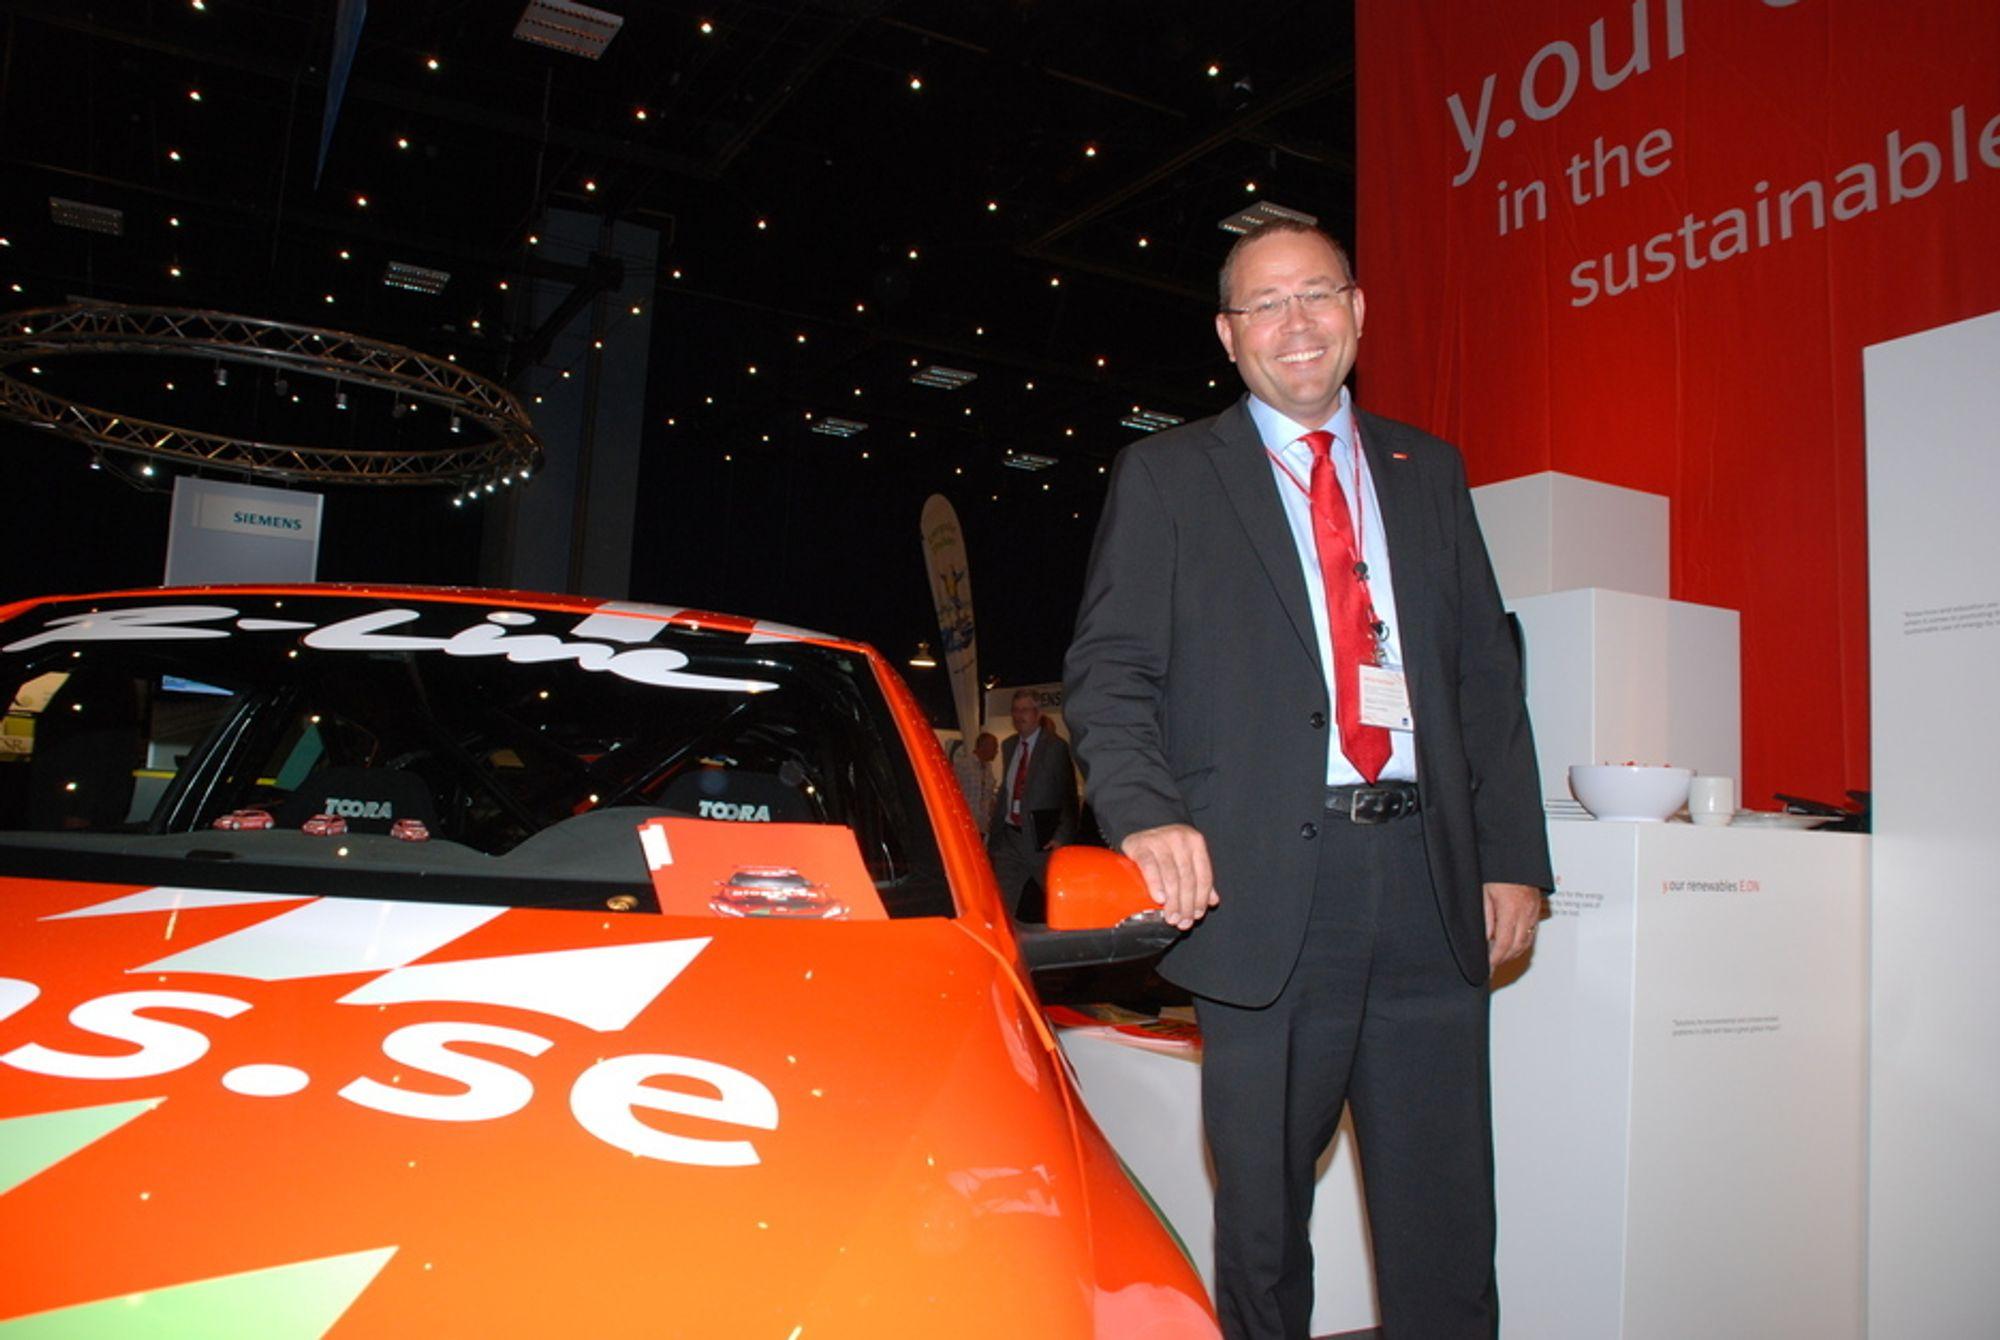 SATSER PÅ BIOGASS: - Jeg ser ut som en bilselger, smiler Håkan Buskhe i E.On Nordic ved siden av selskapets gassdrevne VW Scirocco. Metangass skal bli big business for E.On-sjefen framover. I teorien kan 7 av 9 svenske biler drives på biogass, tror Buskhe.